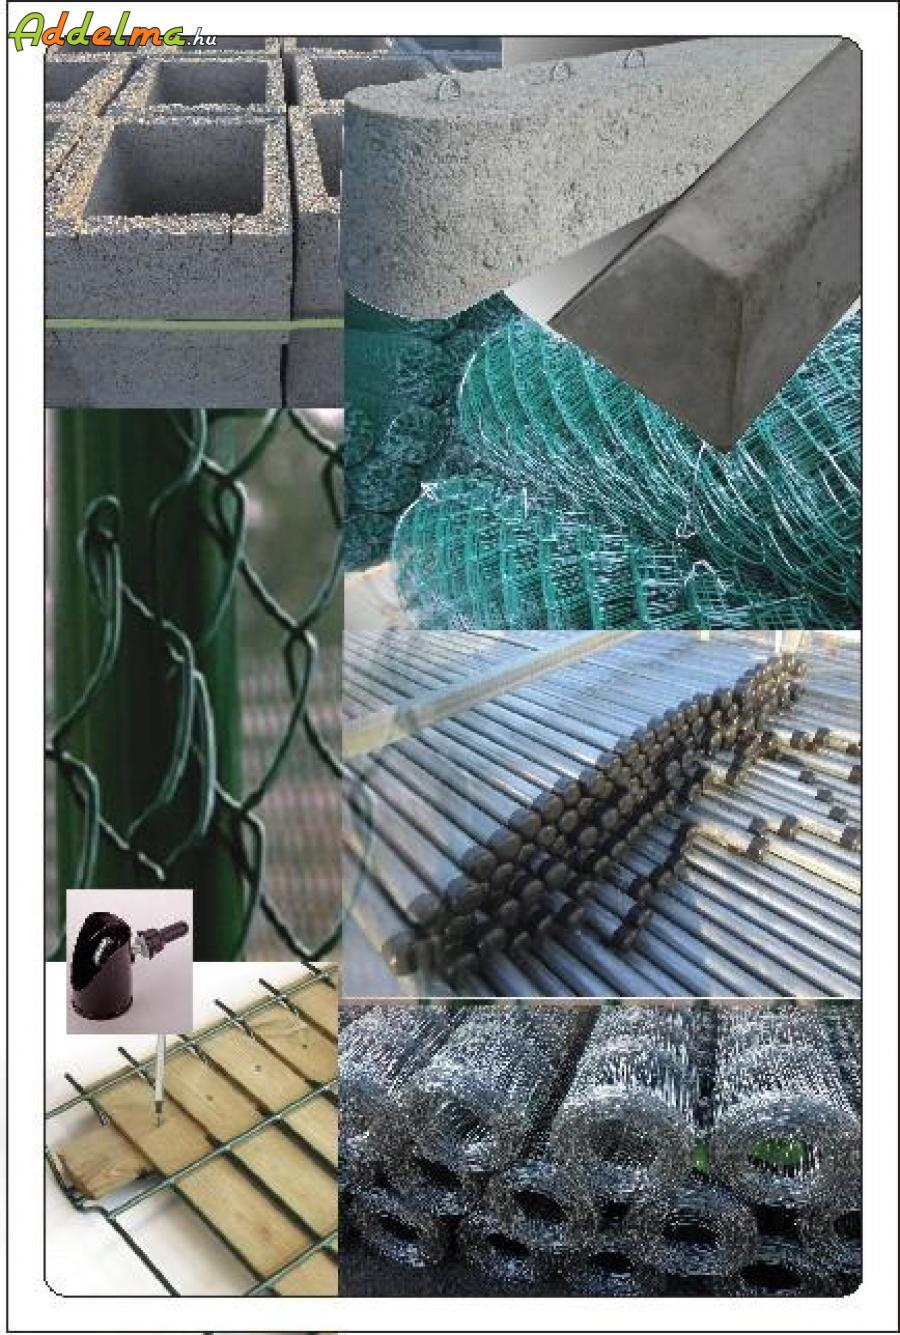 vadháló drótfonat kerítés oszlop betonoszlop